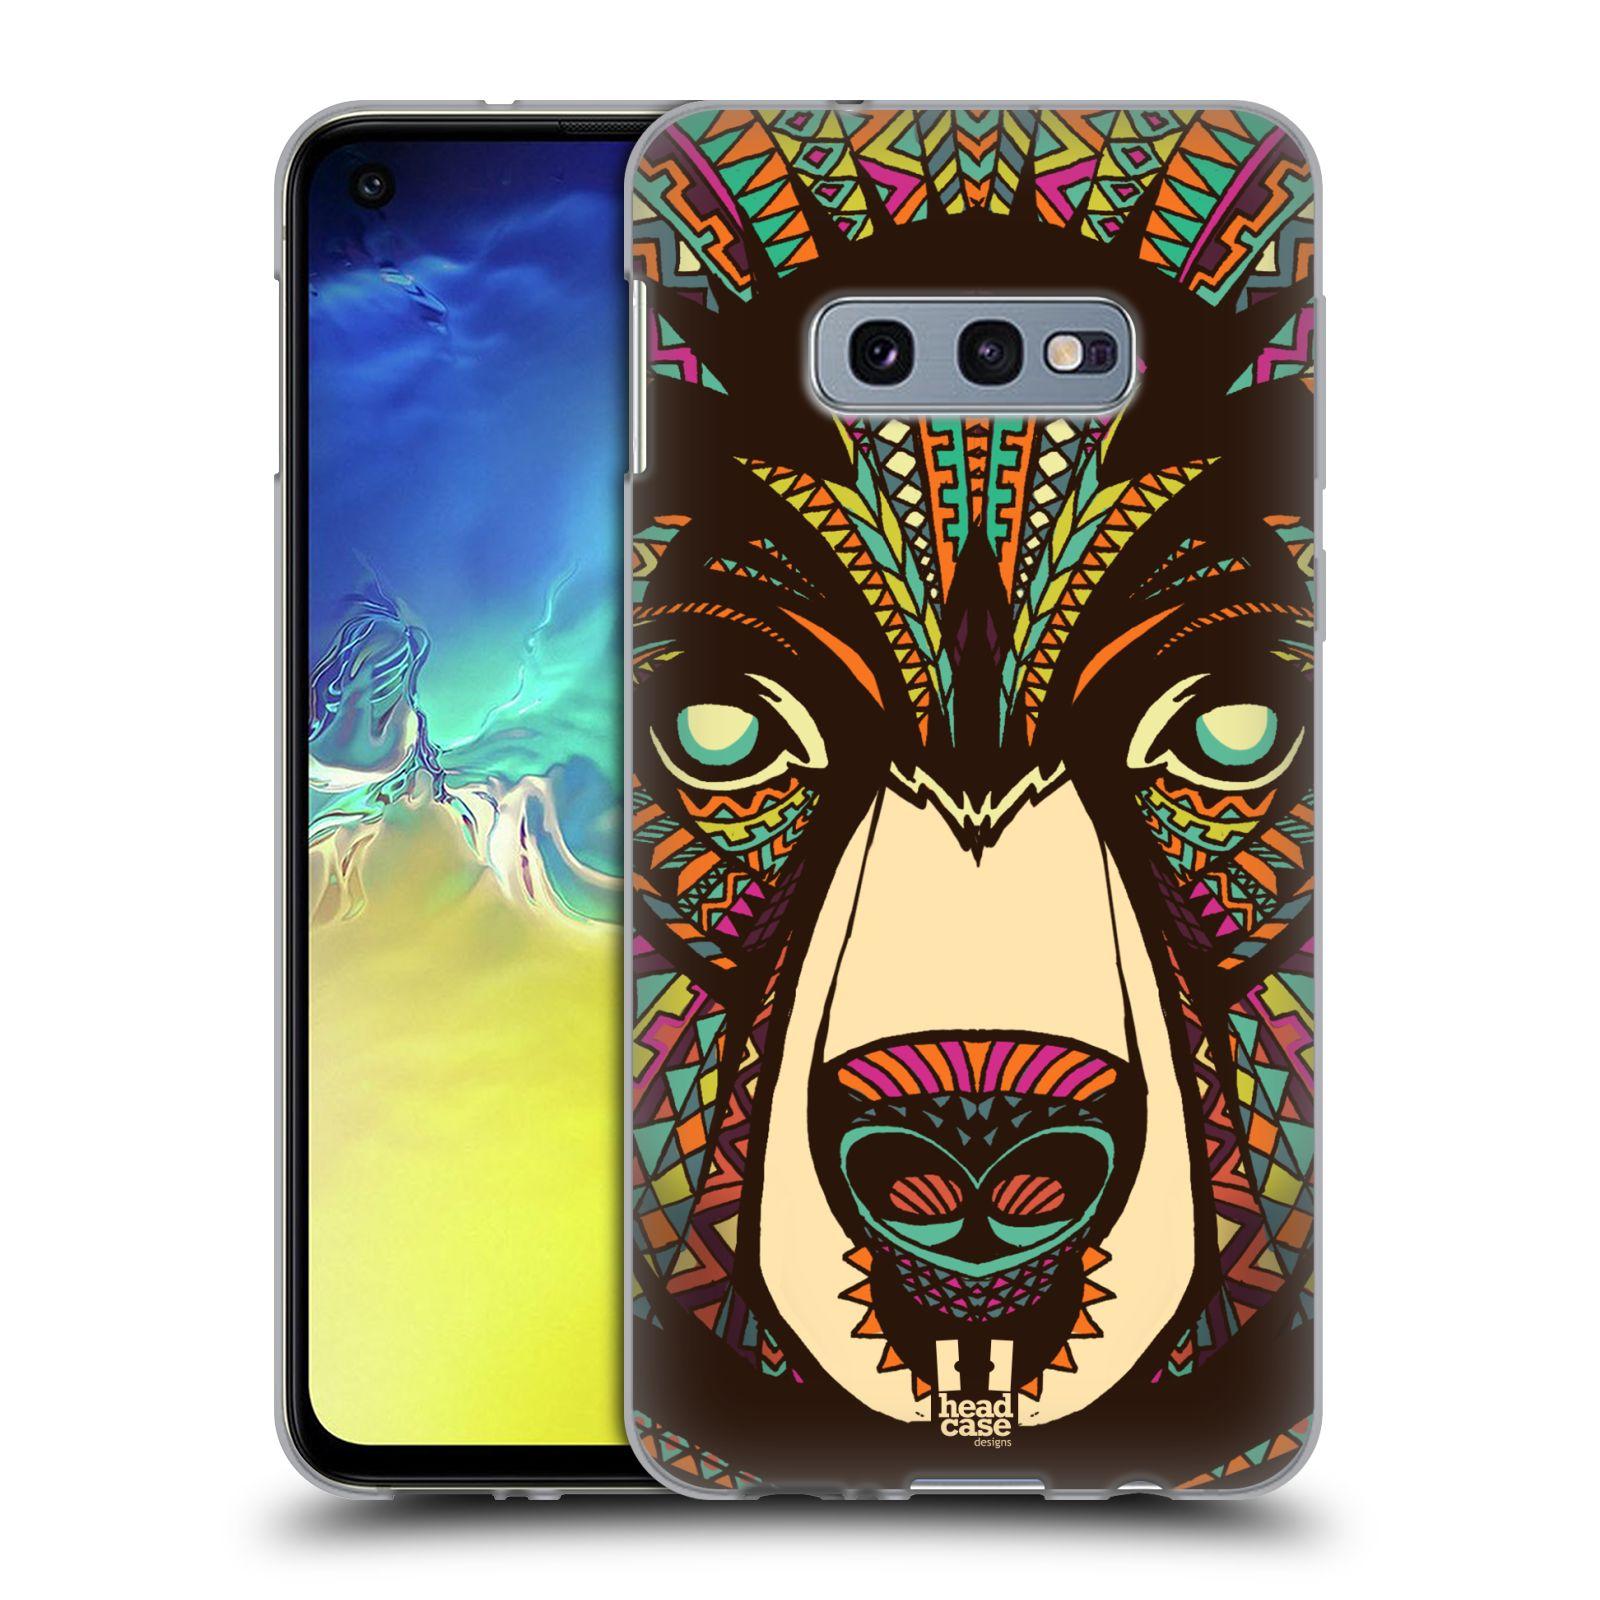 Silikonové pouzdro na mobil Samsung Galaxy S10e - Head Case - AZTEC MEDVĚD